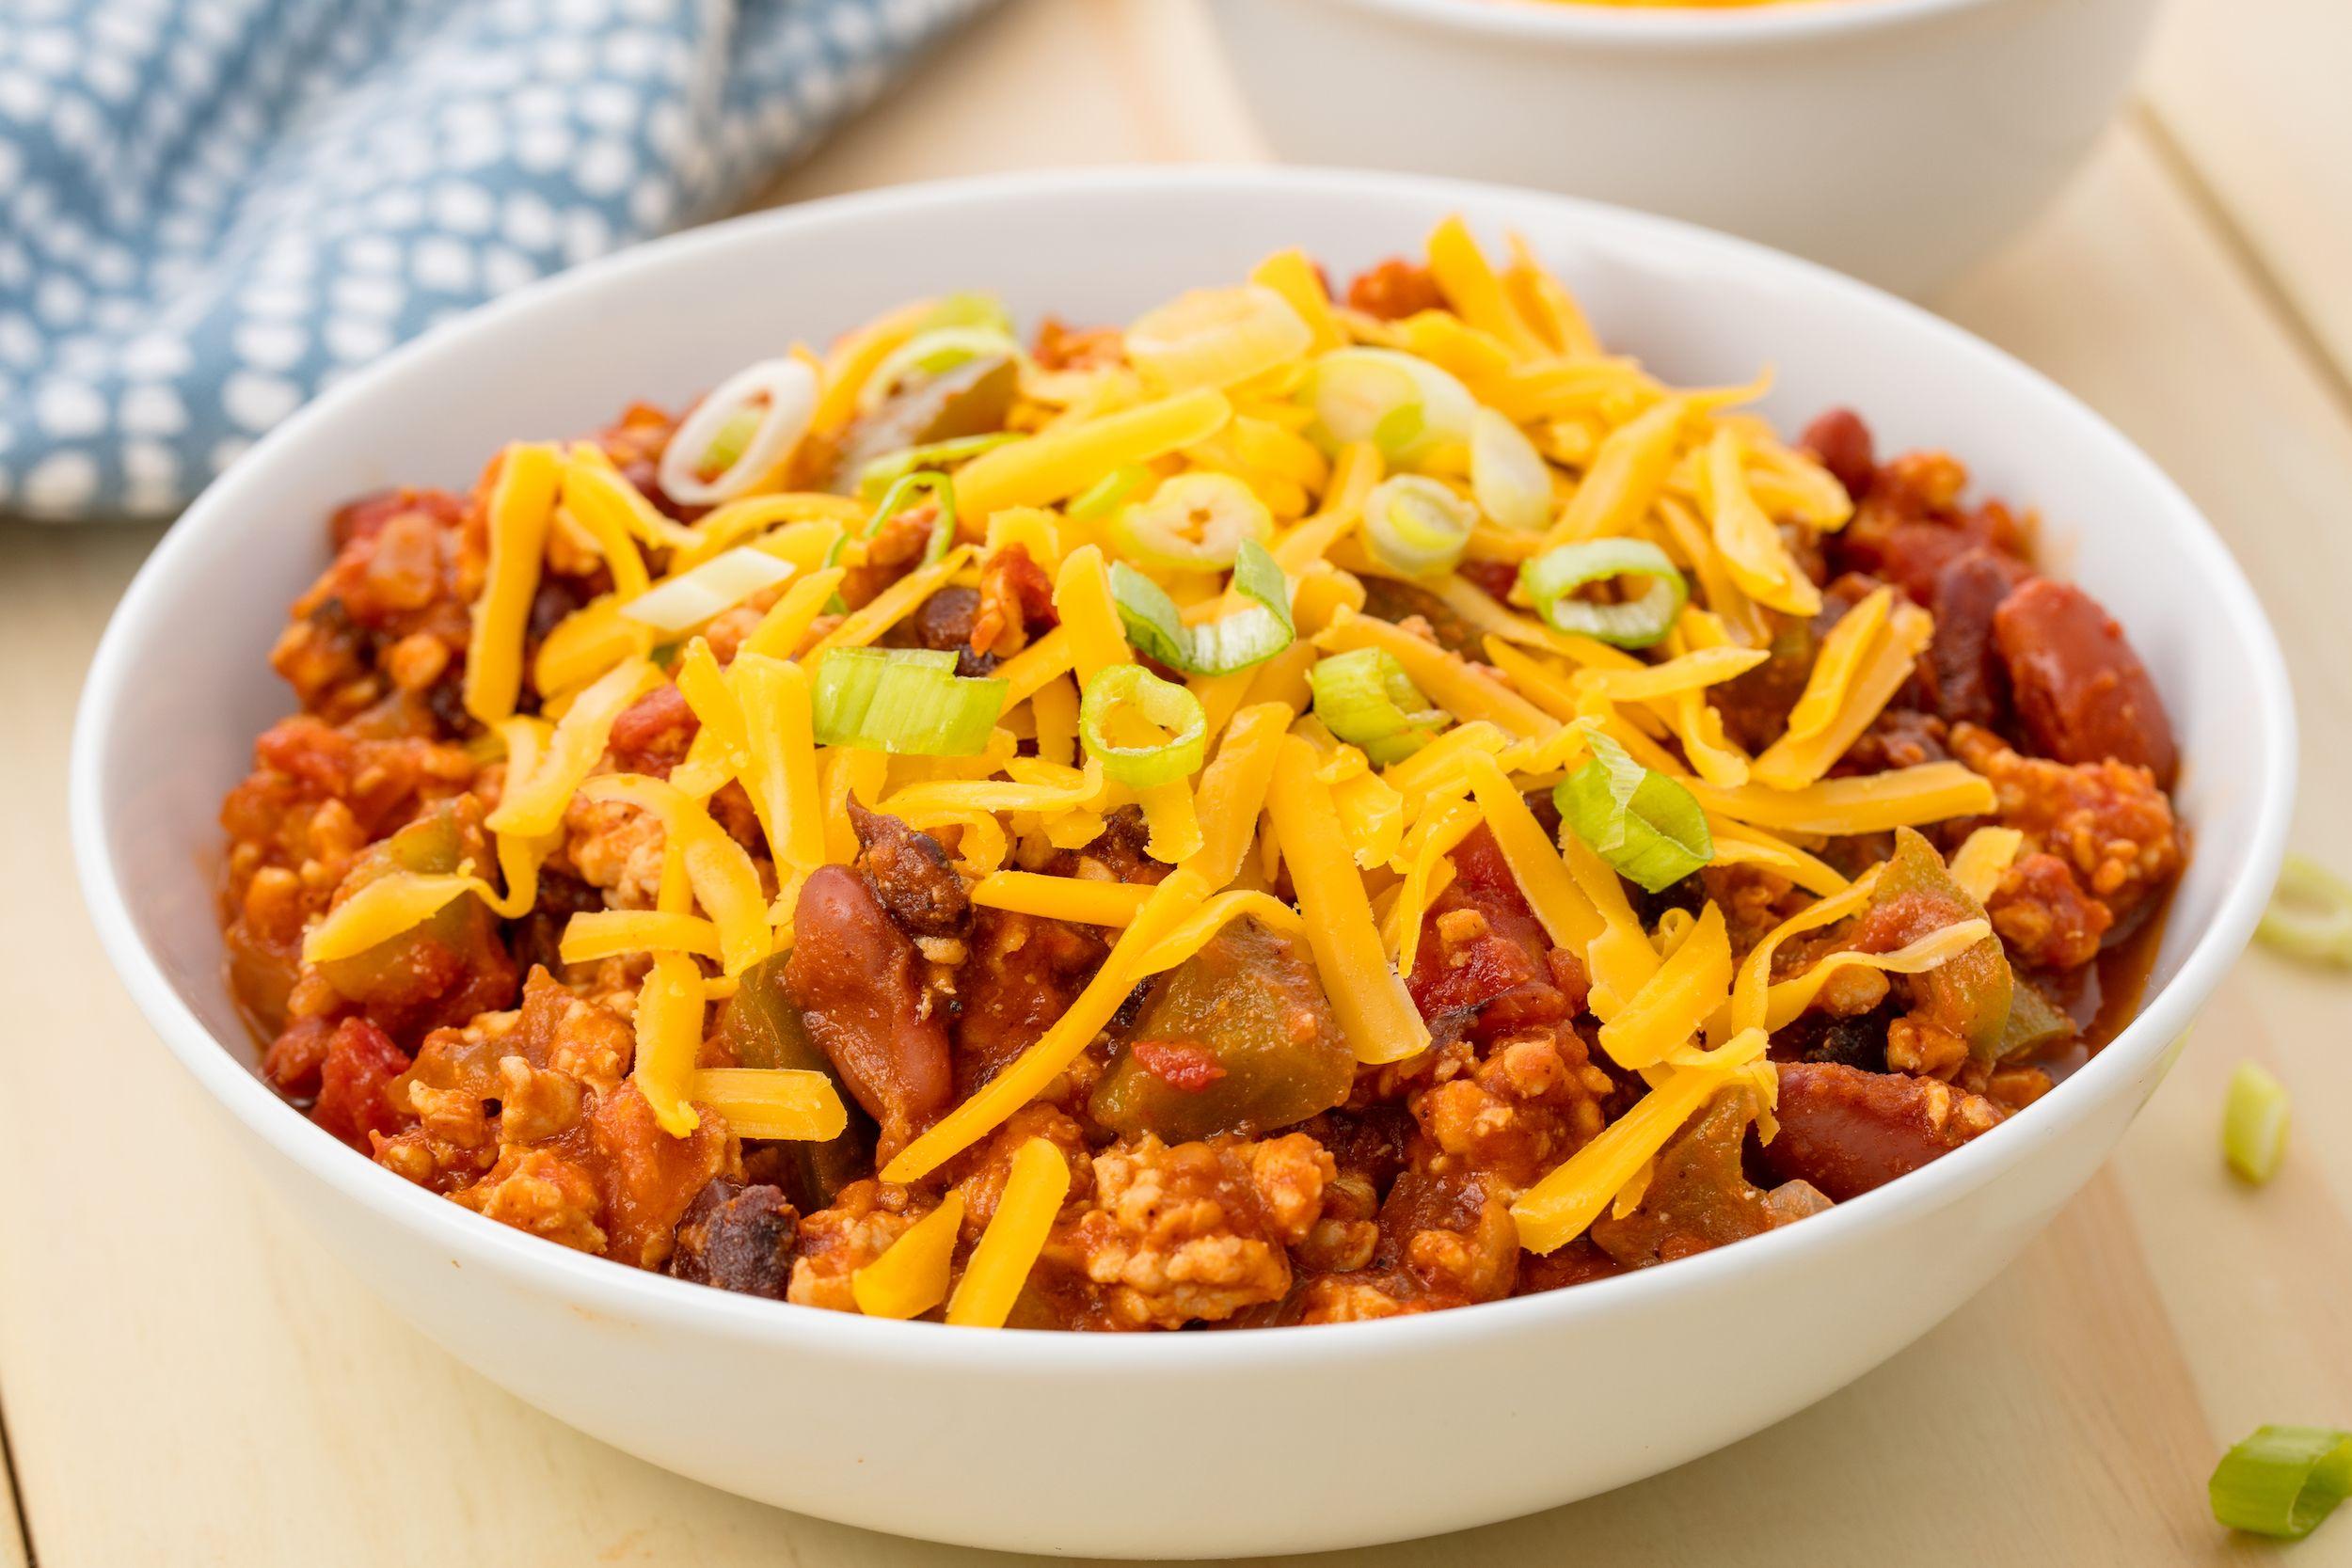 Easy Crockpot Turkey Chili Recipe - How